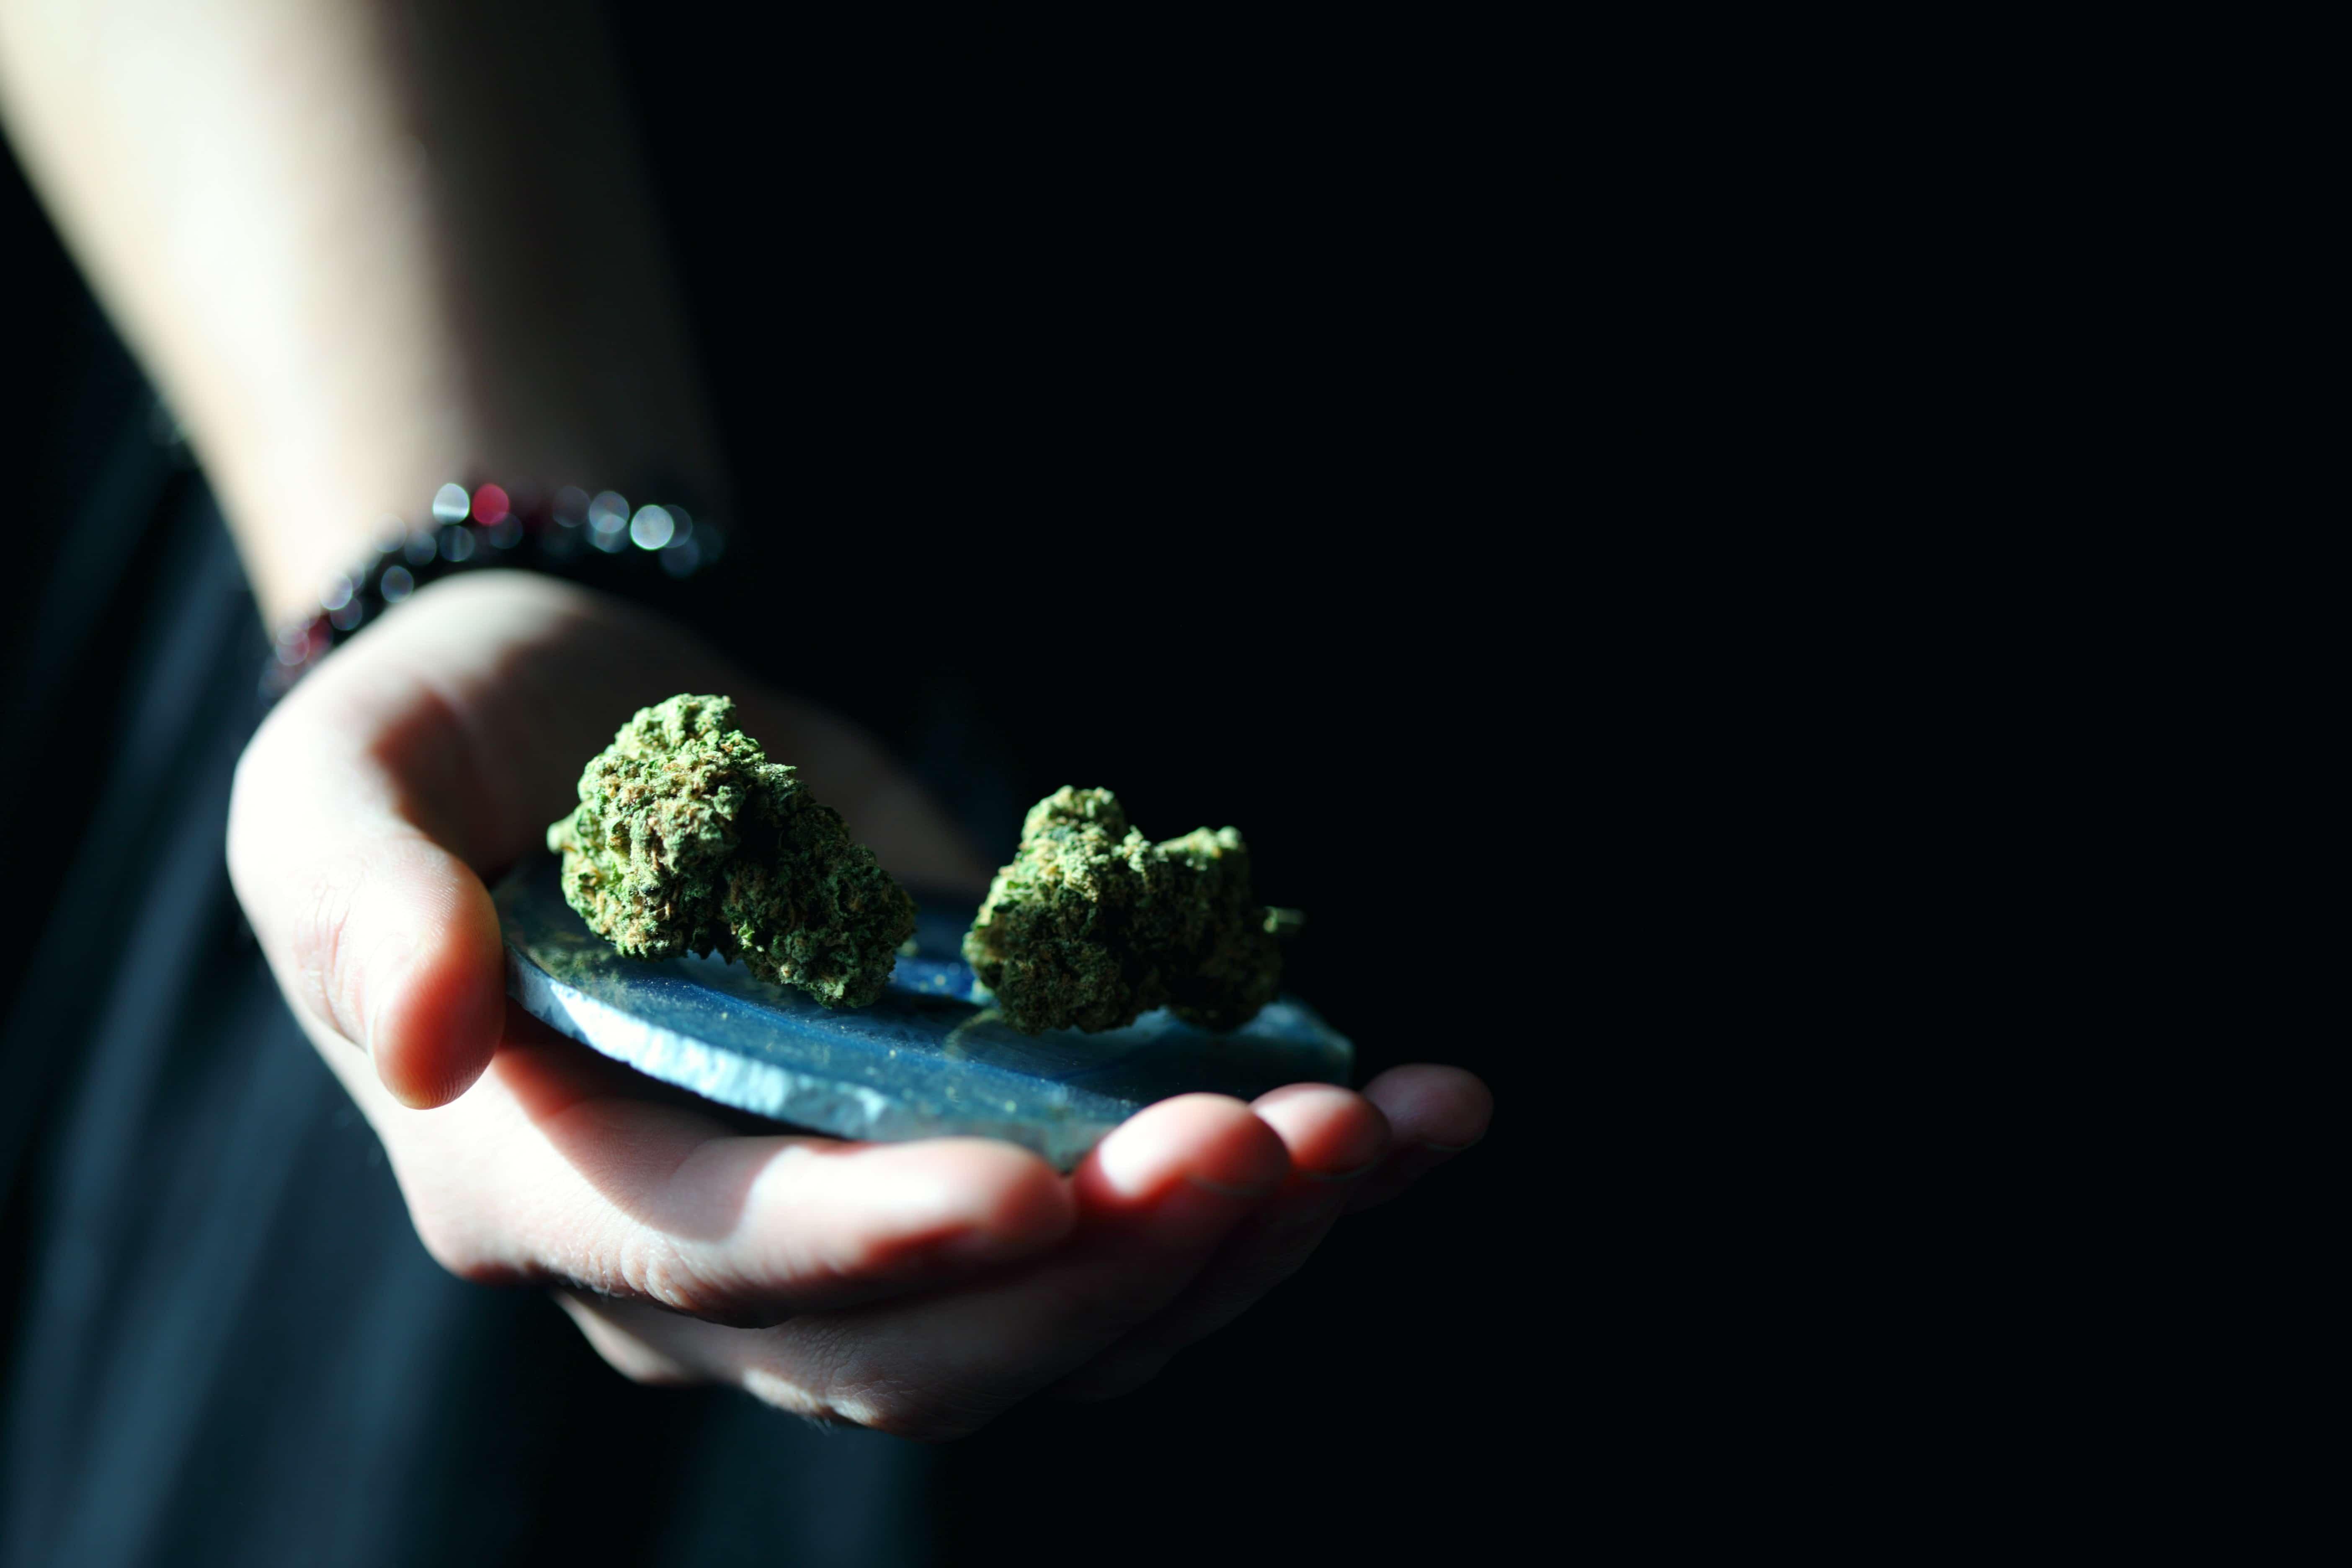 Nación Cannabis | ¿Qué cannabis es mejor? ¿Índica o sativa?